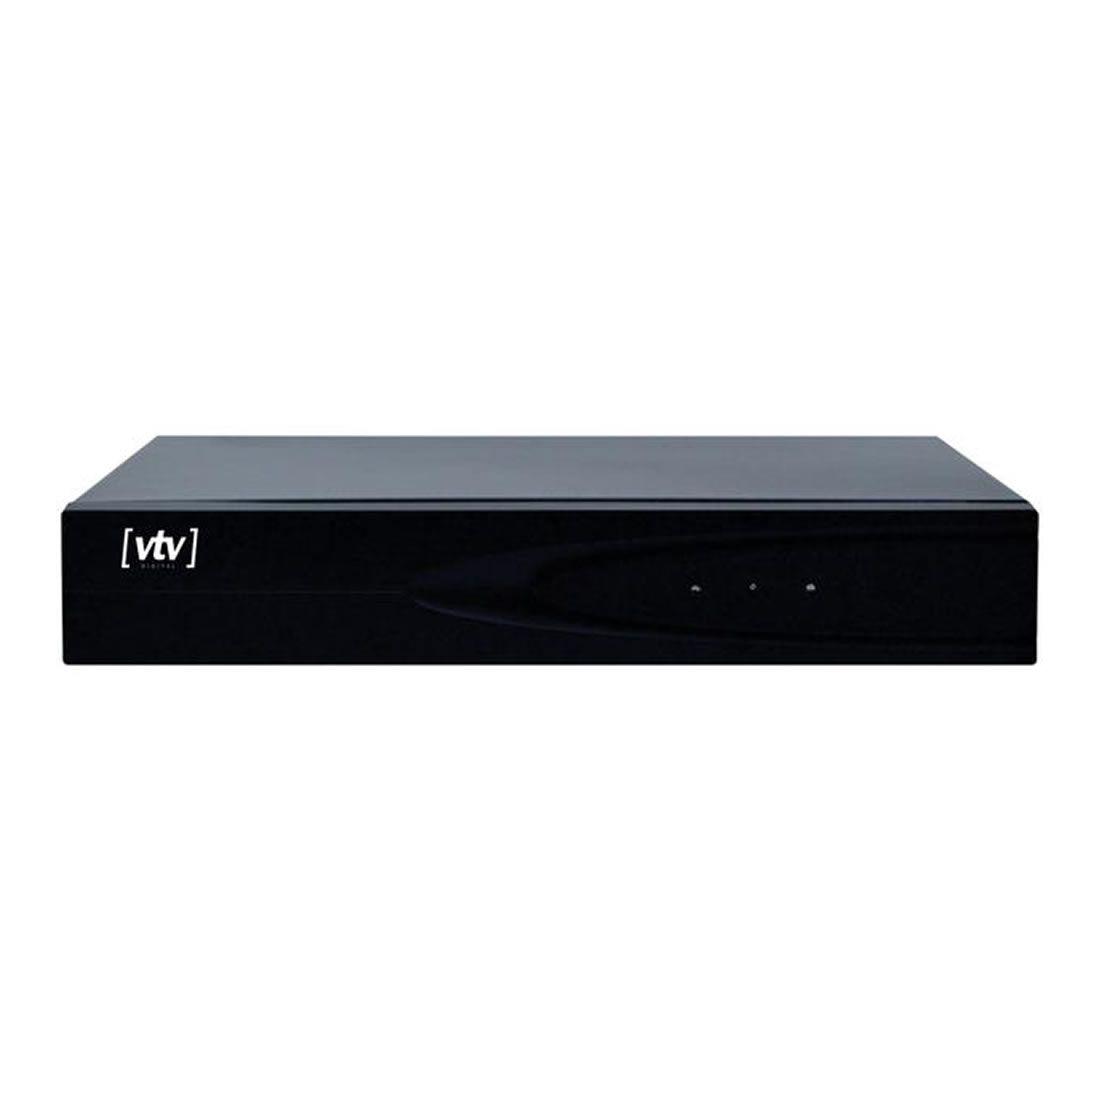 Aparelho Gravador Vídeo DVR 4 Canais AHD HD 500GB VTV